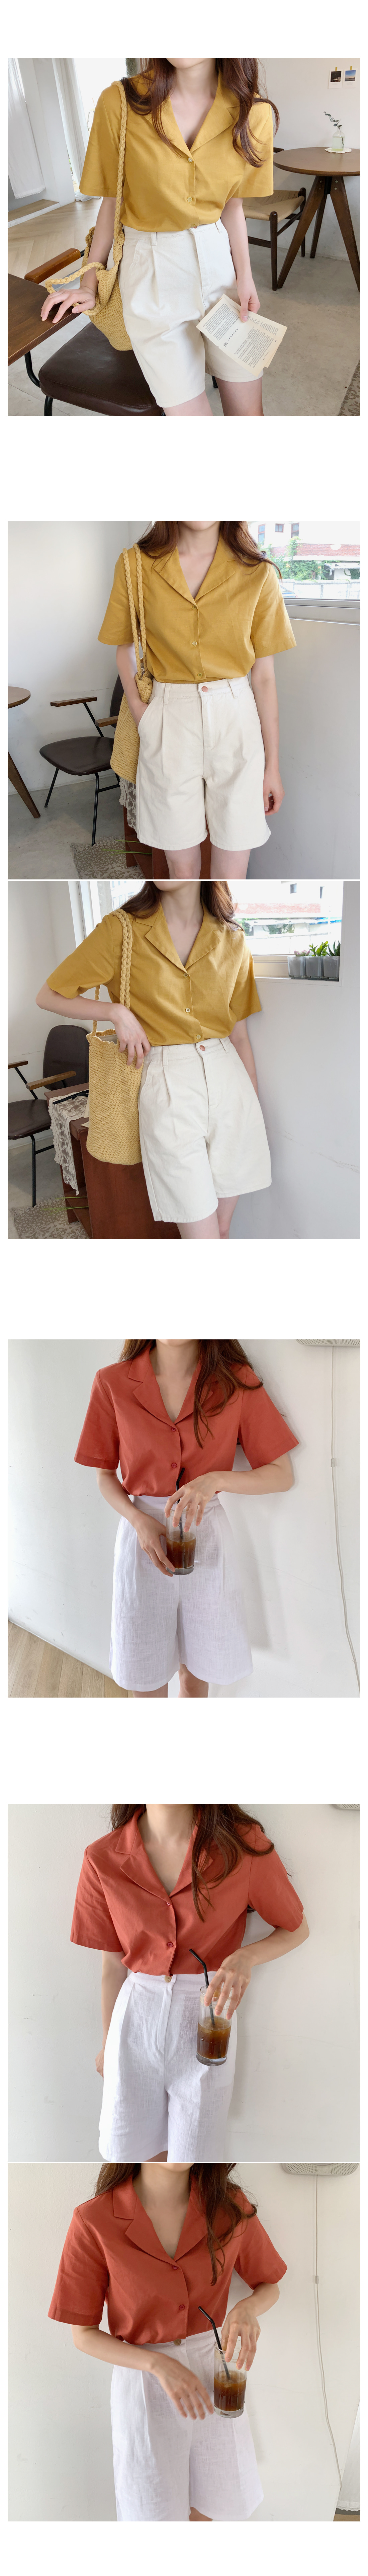 Shvy Linen Short Sleeve Shirt